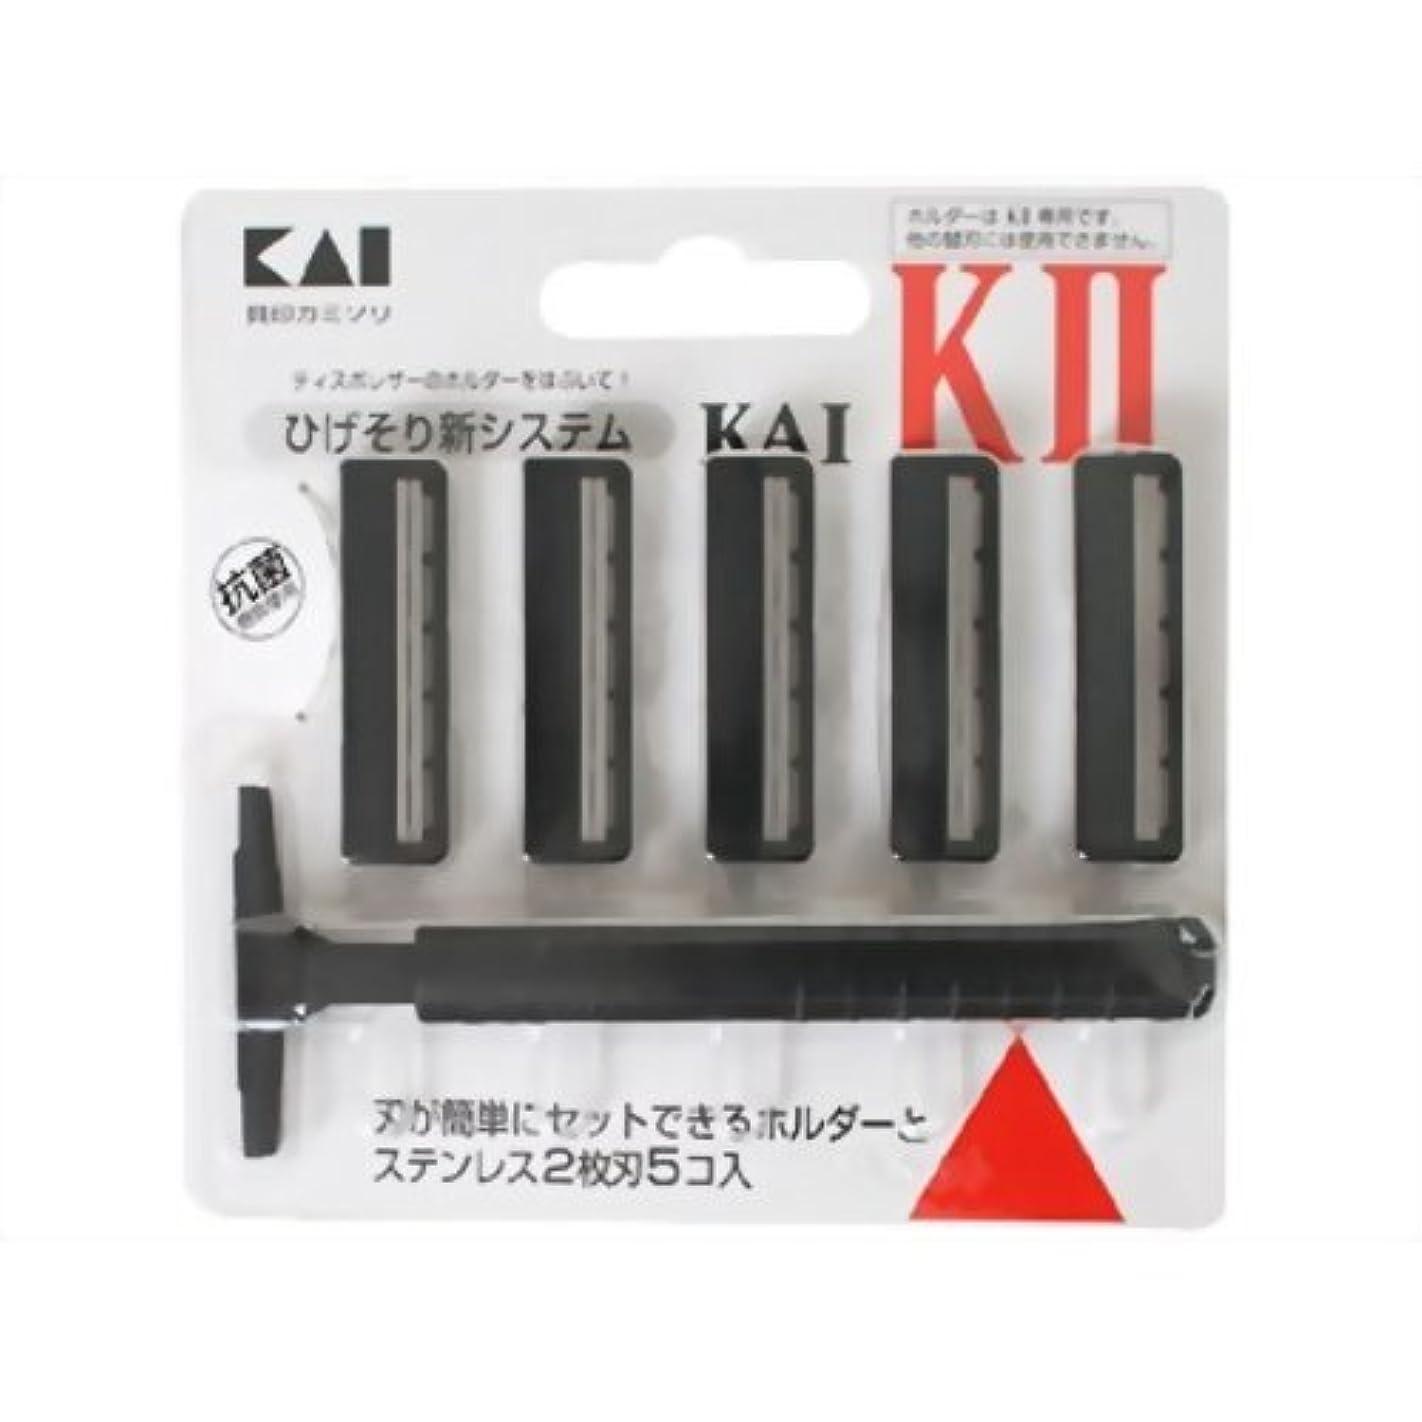 赤字類人猿つらいK-2 ひげそり用カミソリ ホルダー 替刃5コ付